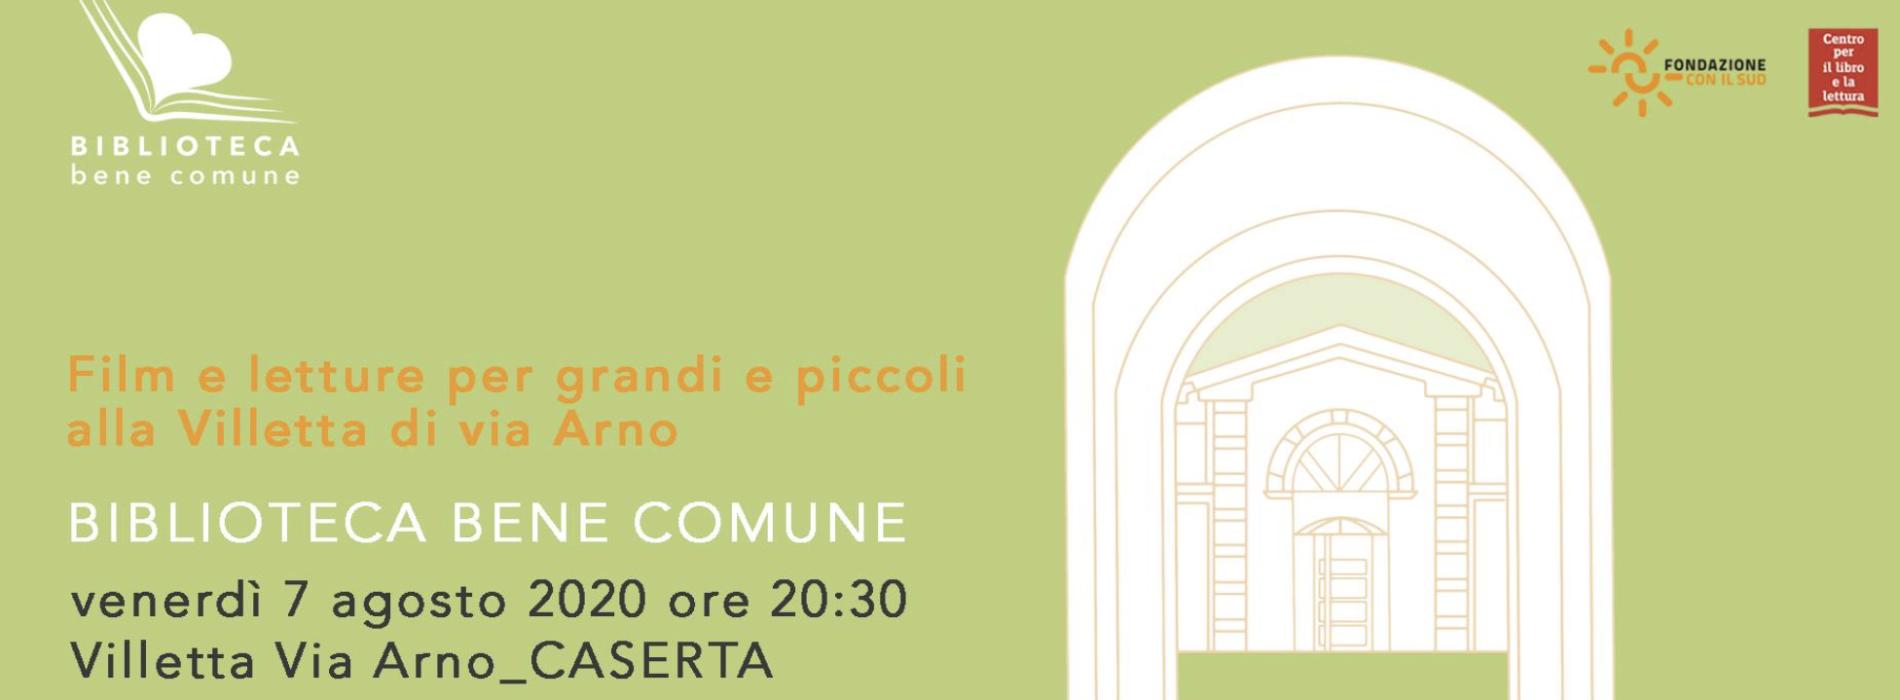 Biblioteca Bene Comune fa tappa nella Villetta di Via Arno